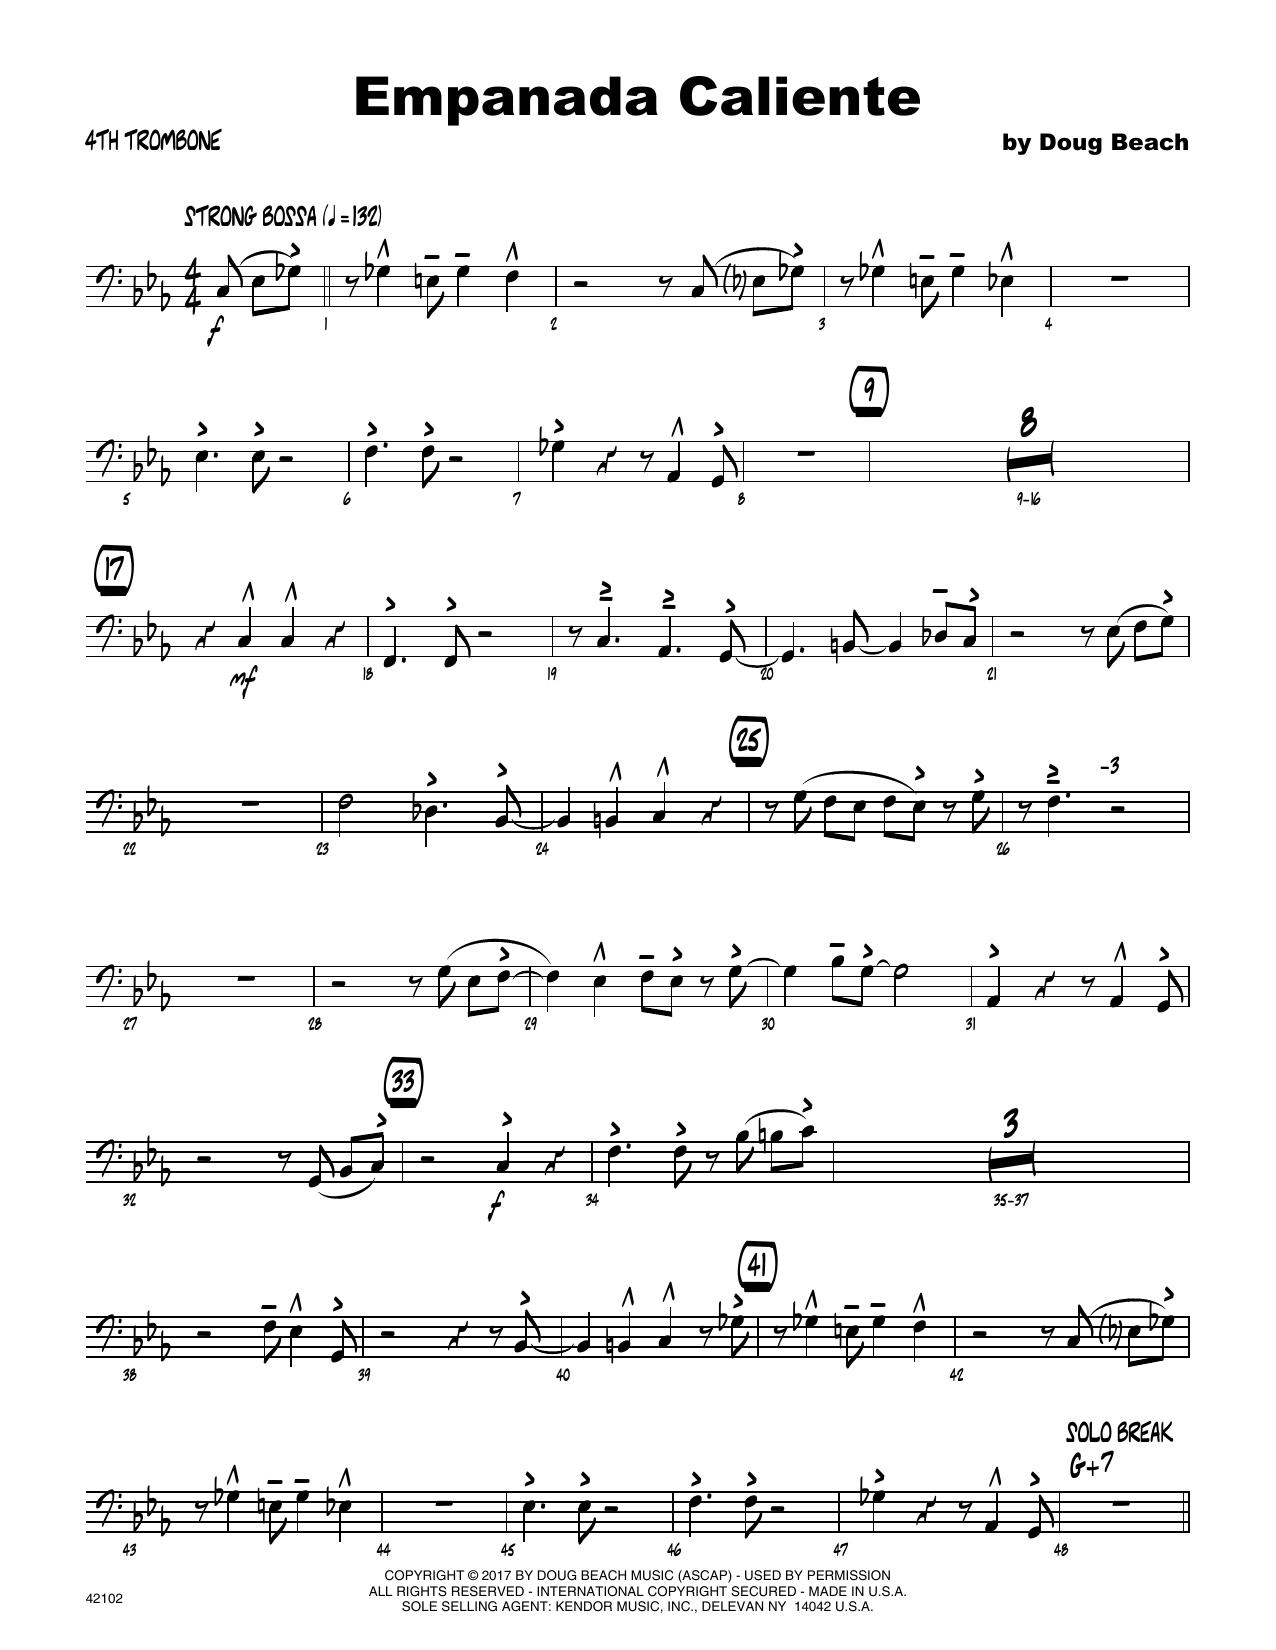 Empanada Caliente - 4th Trombone